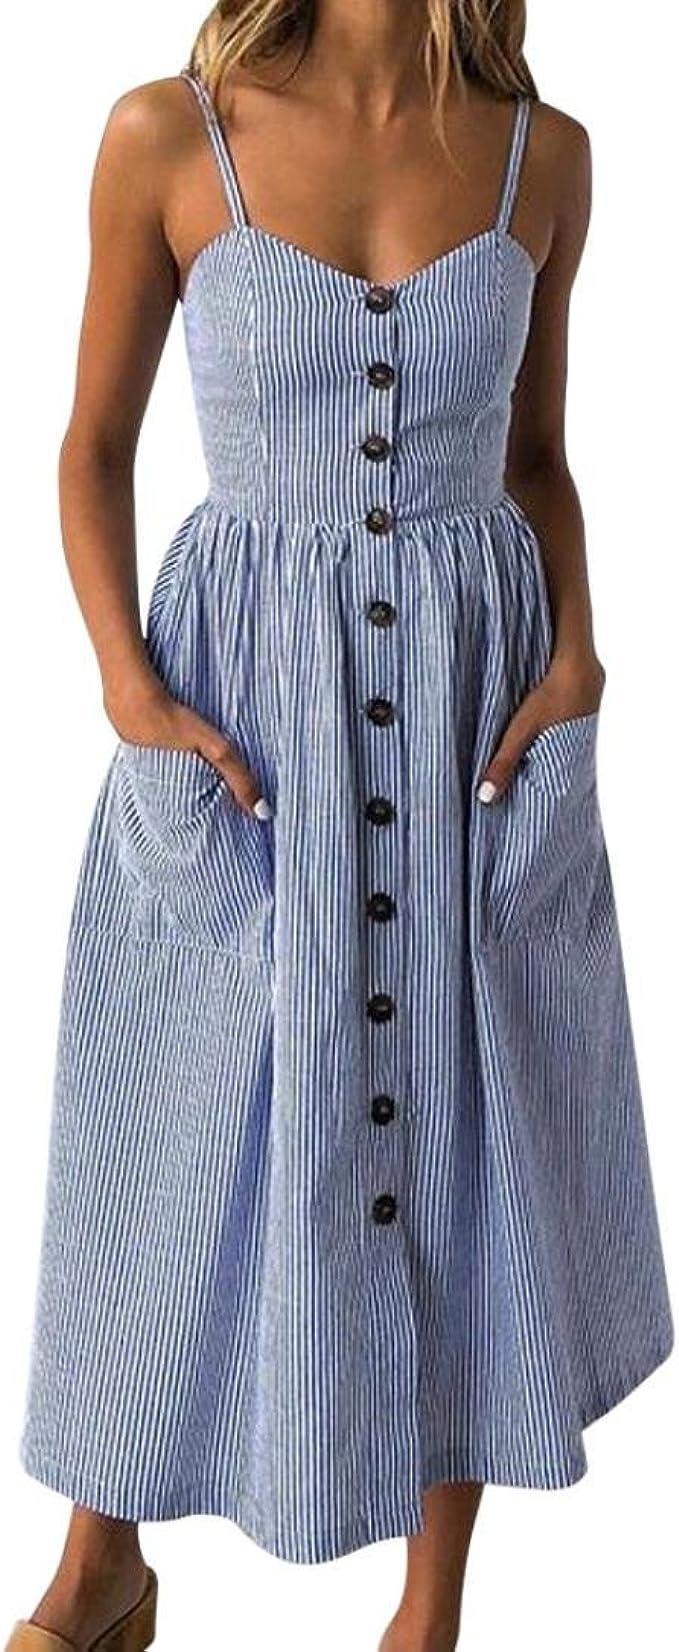 Ansenesna Kleid Damen Sommer Vintage Blau Weiss Gestreift Elegant Partykleid Madchen Lang Trager V Ausschnitt Sommerkleid Amazon De Bekleidung